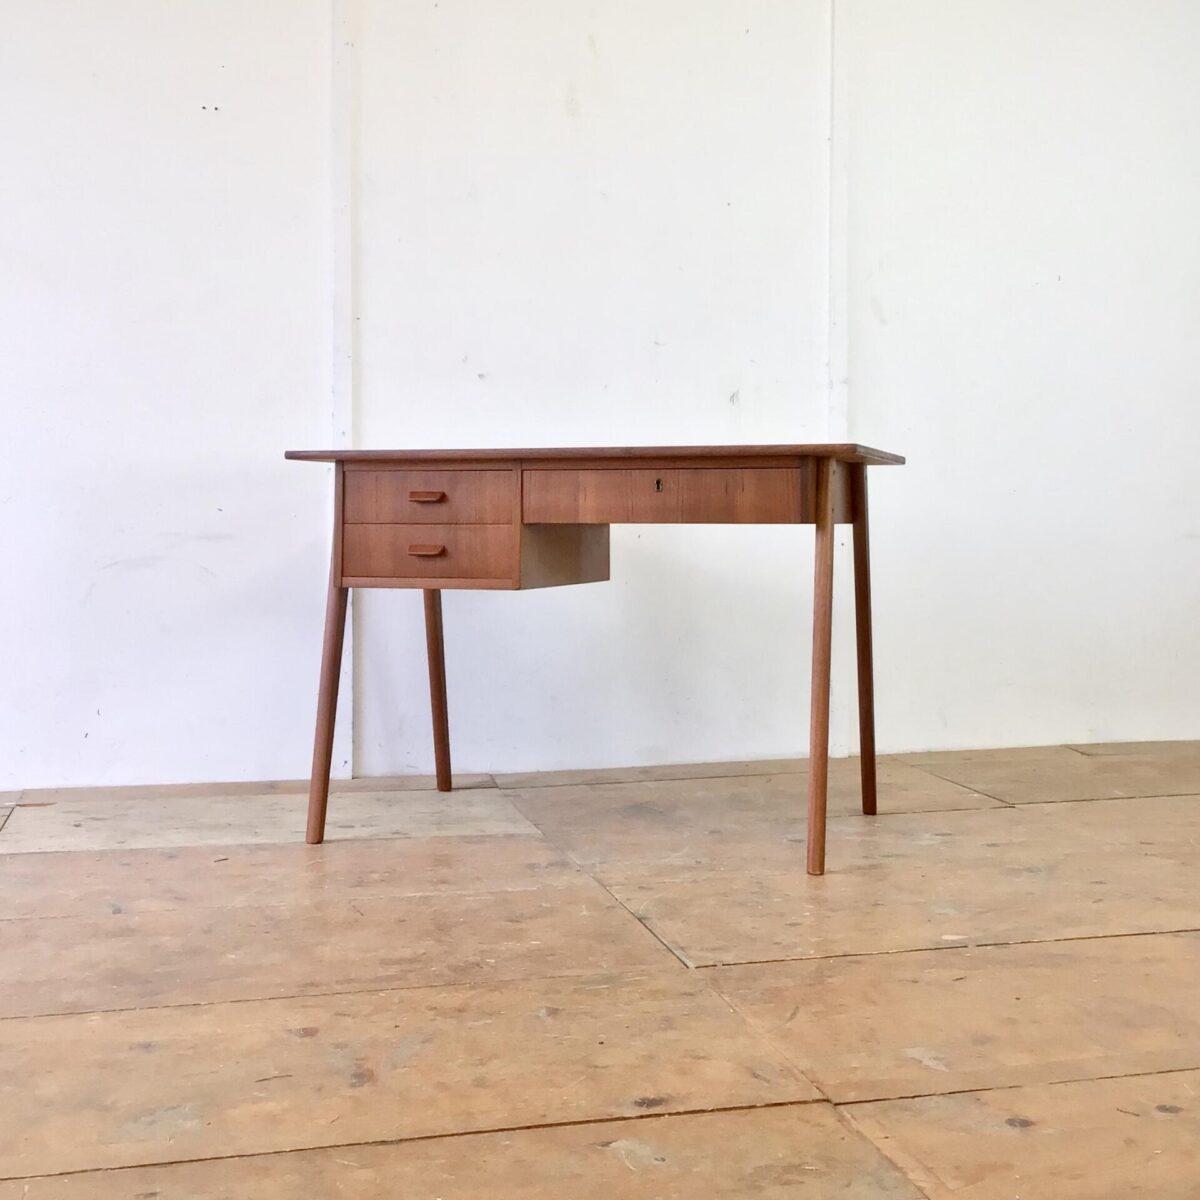 Deuxieme.shop Teak Desk danishfurniture. Dänischer Midcentury Teak Schreibtisch aus den 60er Jahren. 110x60.5cm Höhe 73cm. Eine der drei Schubladen ist abschliessbar. Beine können demontiert werden. Das Tischblatt wurde leider mal als Schneid Unterlage verwendet. Die Oberfläche ist aber in glattem, funktionstüchtigen Zustand.